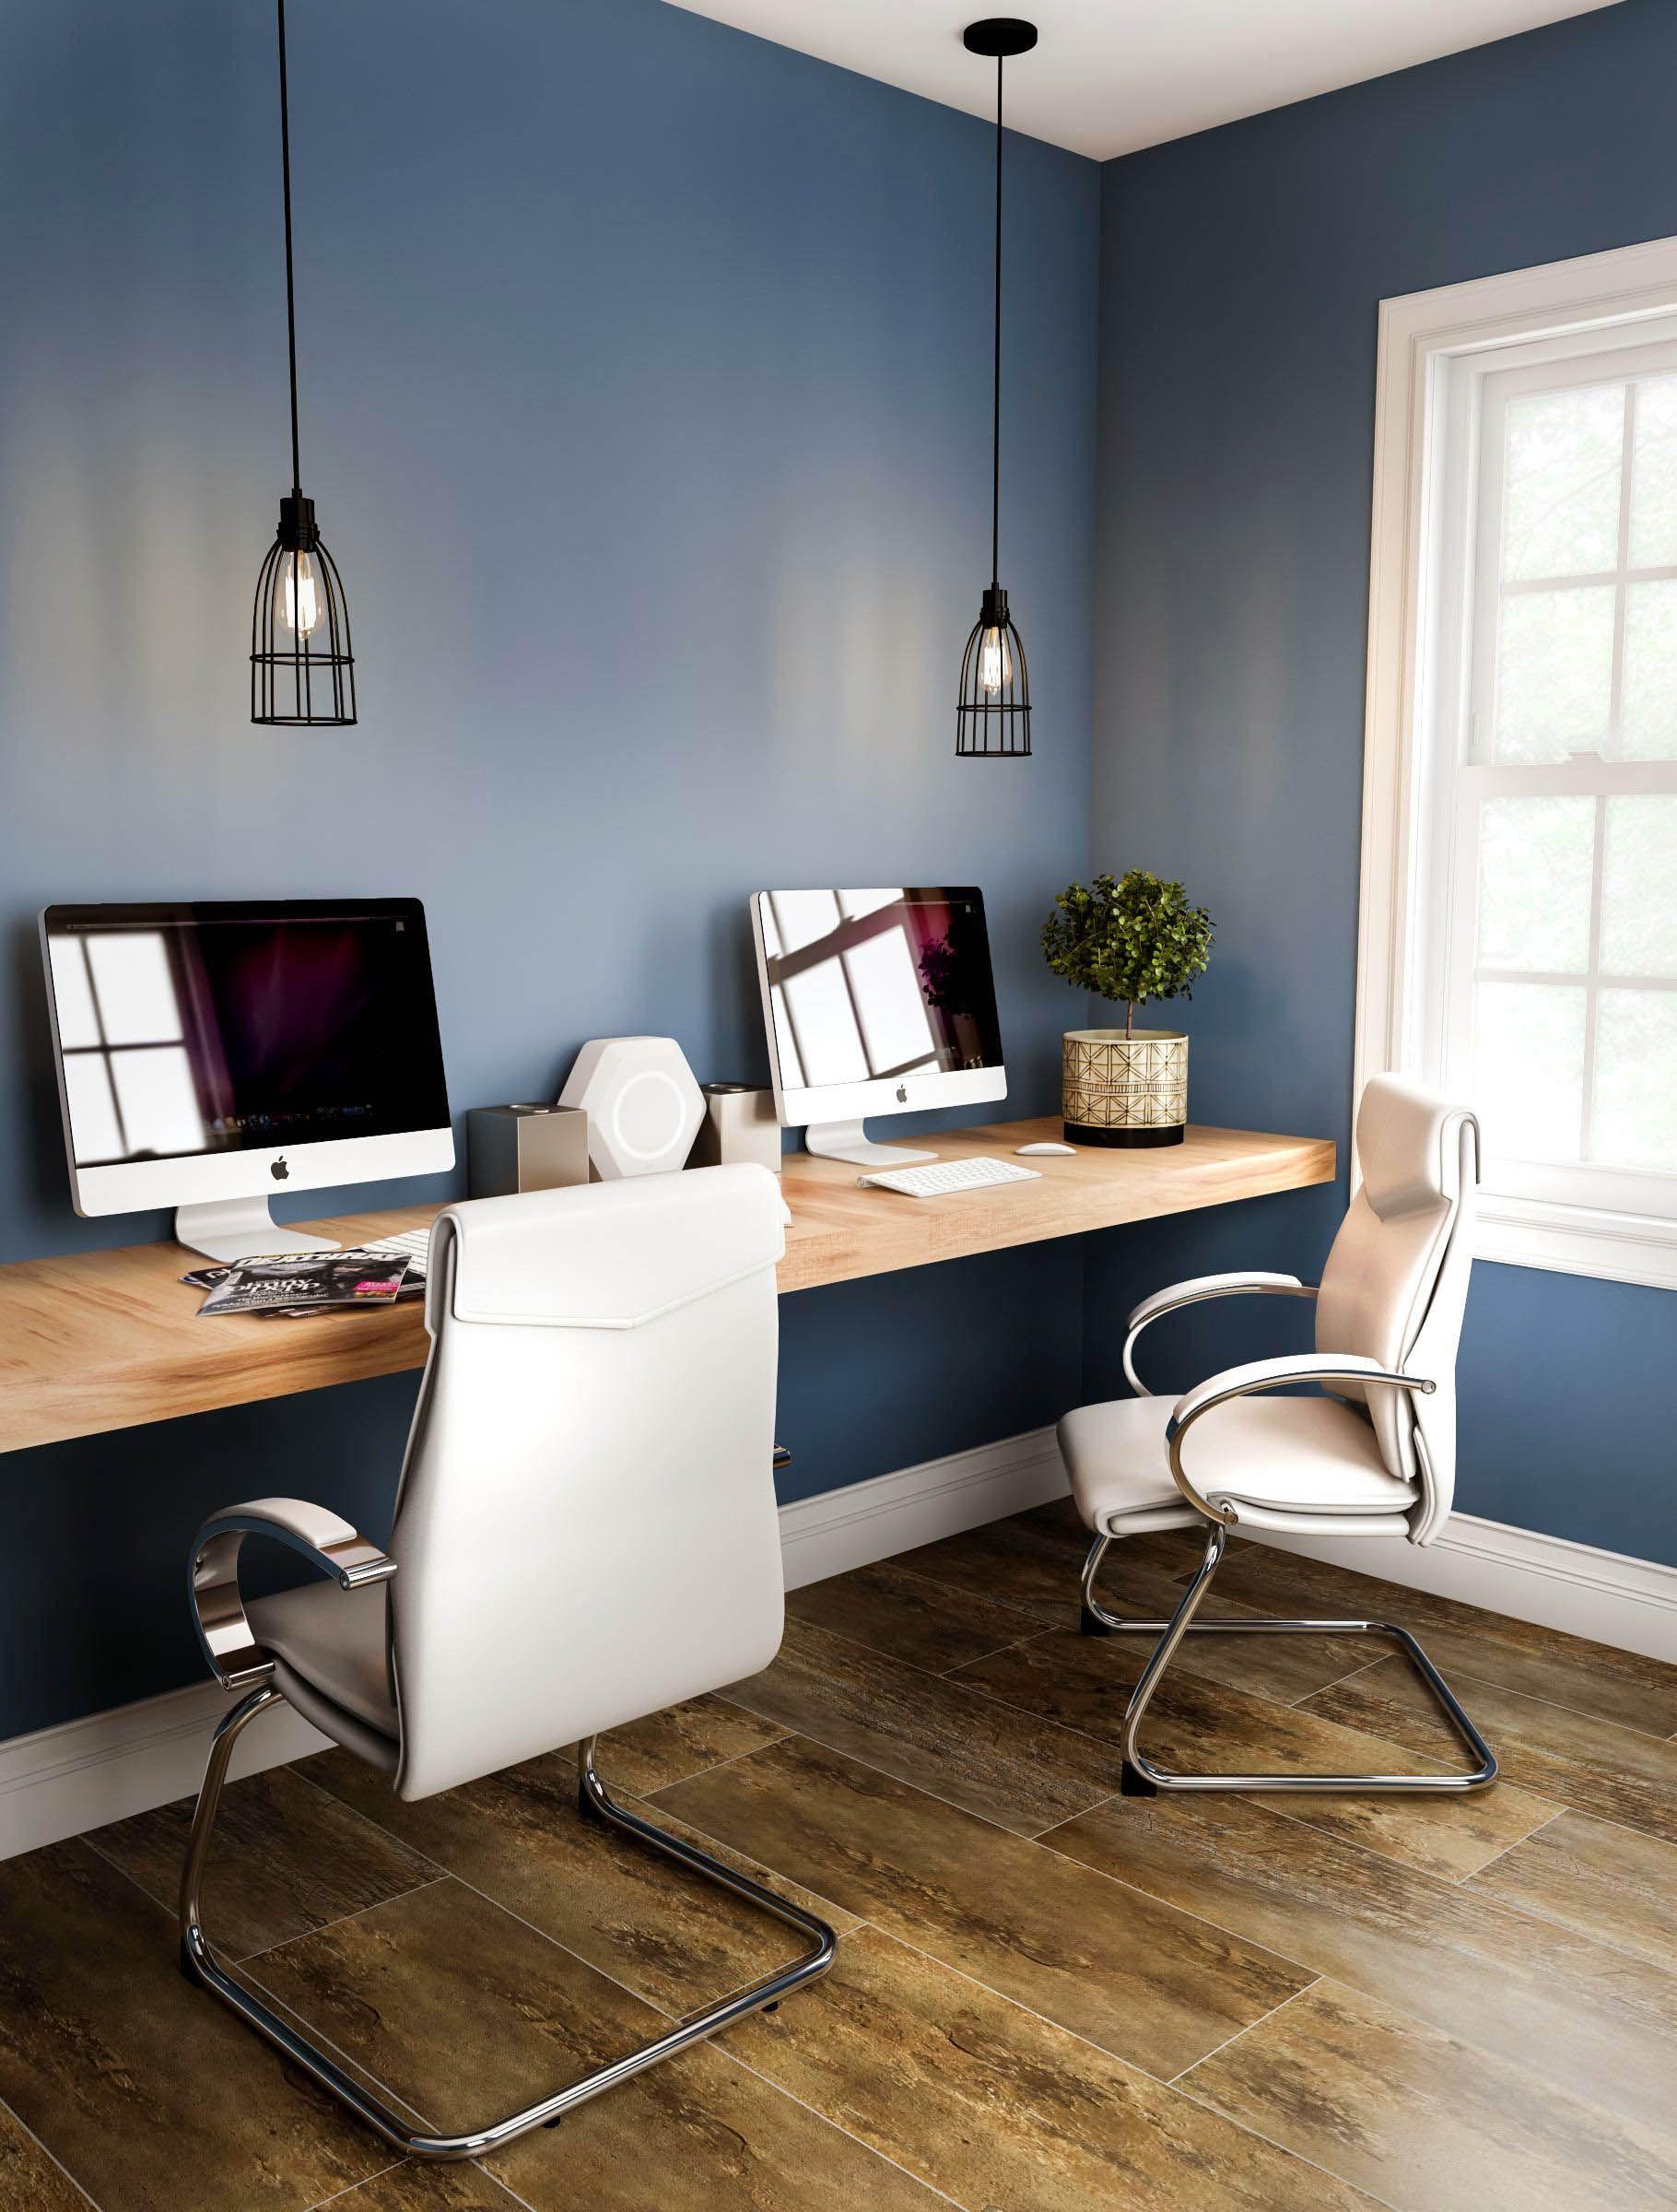 Modern Office Desk Casa Minimalista Idee Per Interni Ufficio